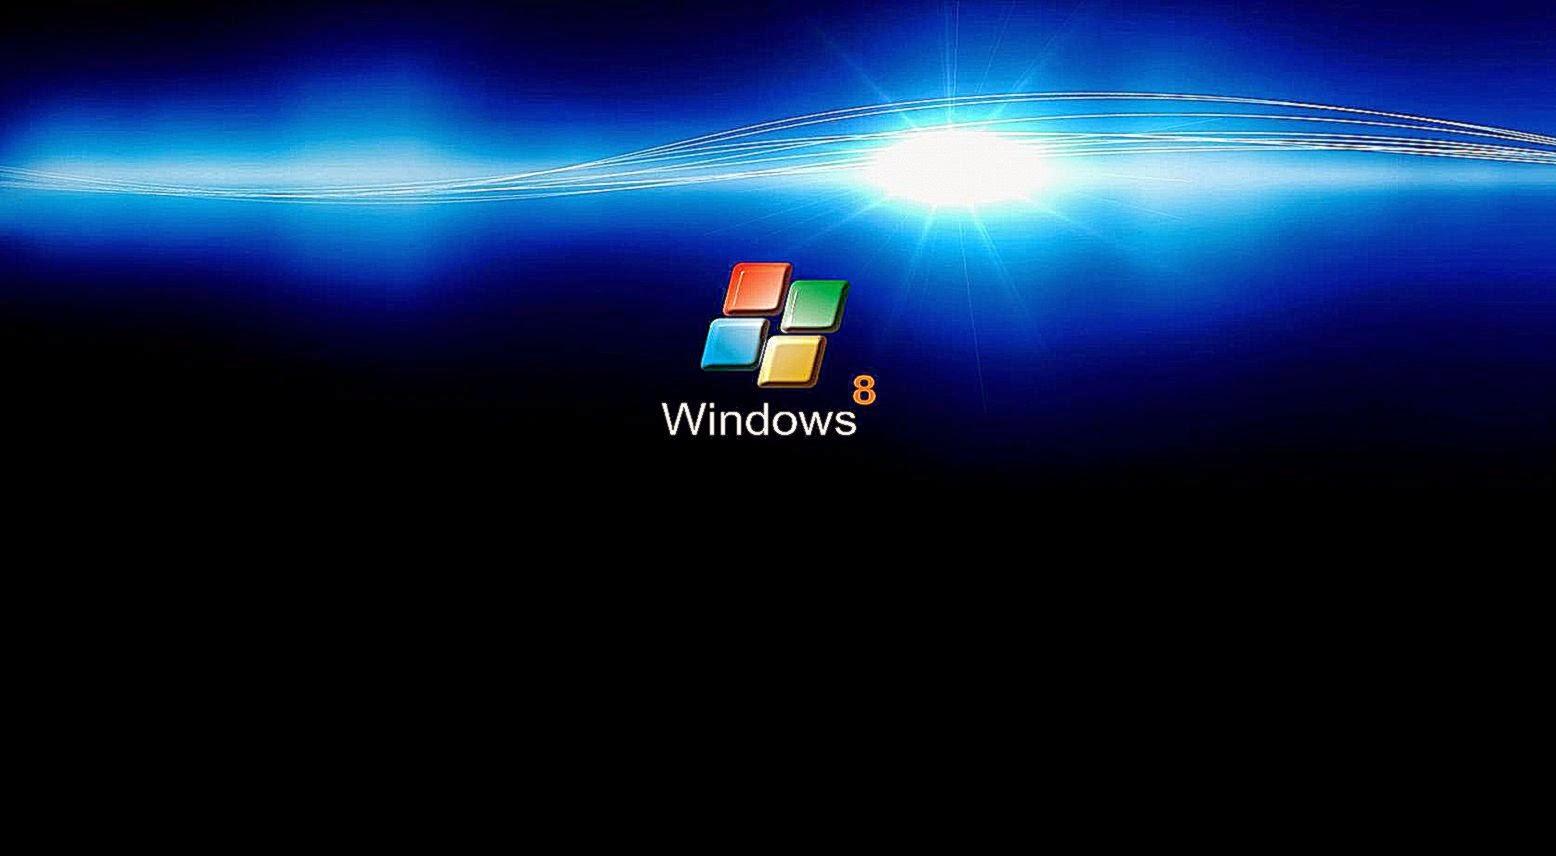 Screensavers and wallpaper for windows 8 wallpapersafari for Screensaver hd gratis